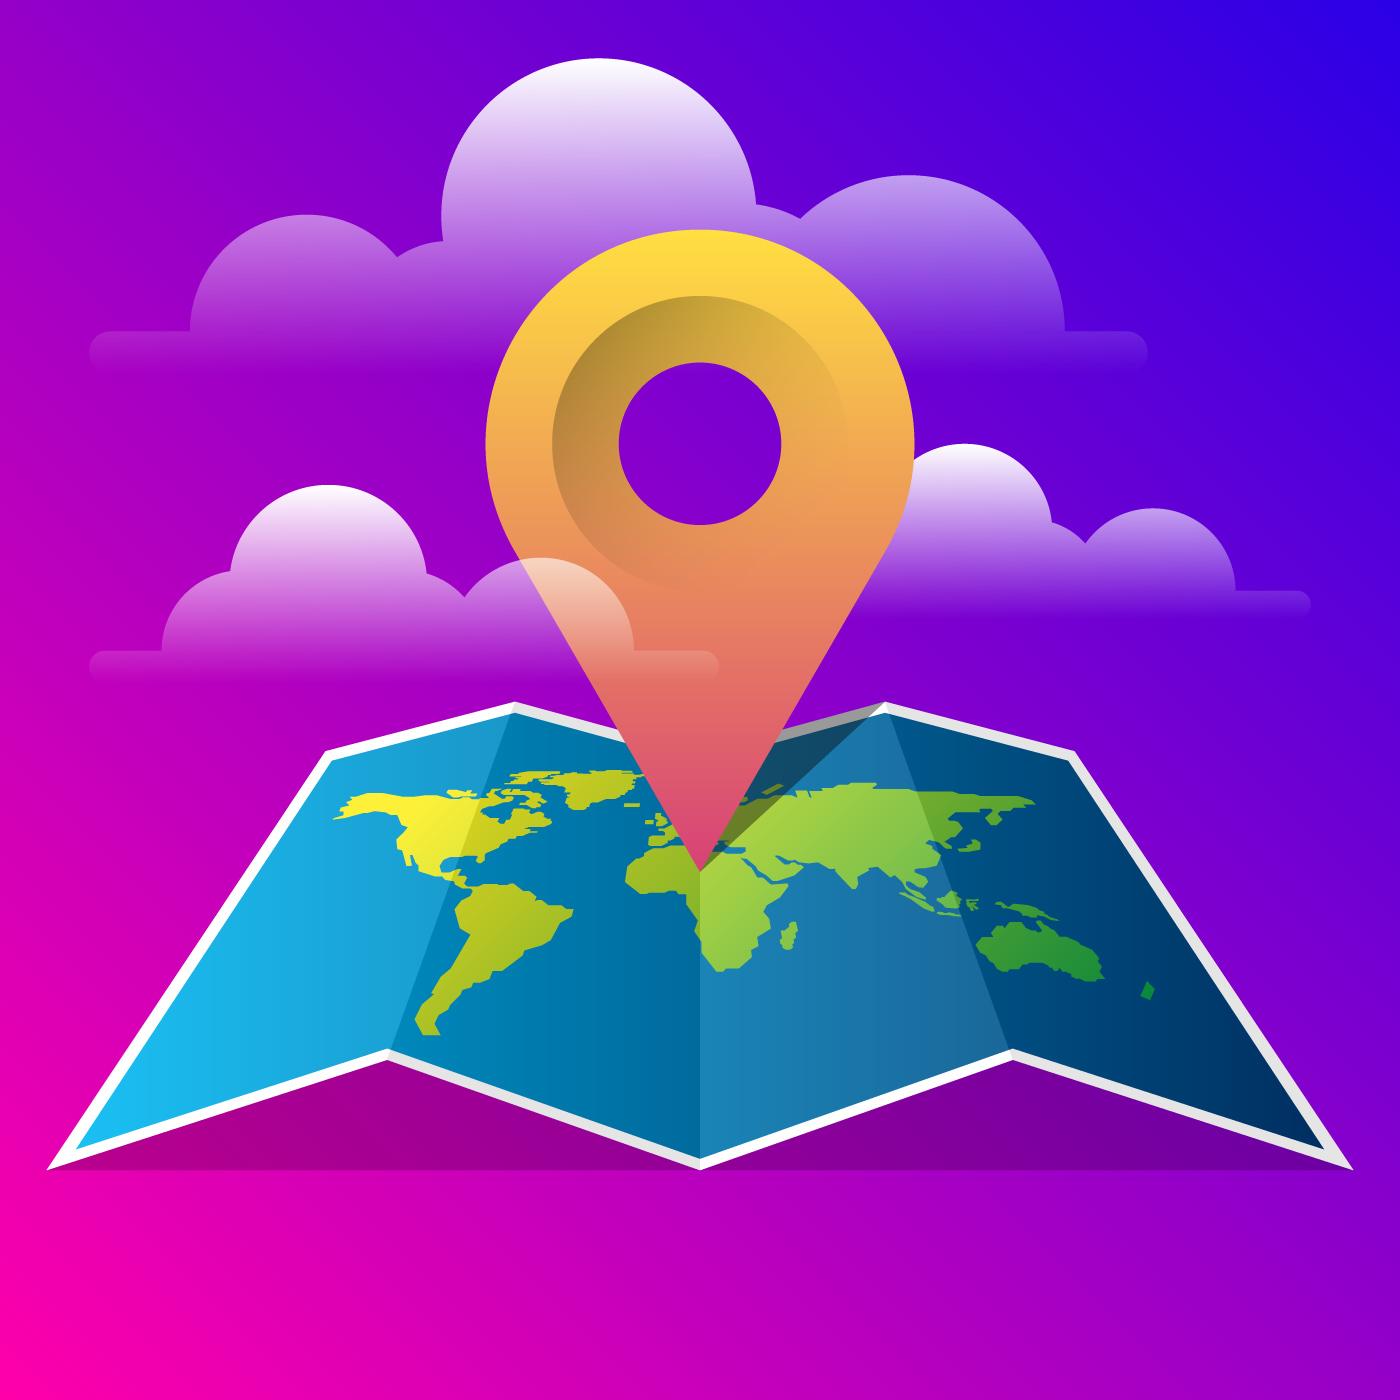 mod u00e8le de vecteur de carte monde avec broche ic u00f4ne